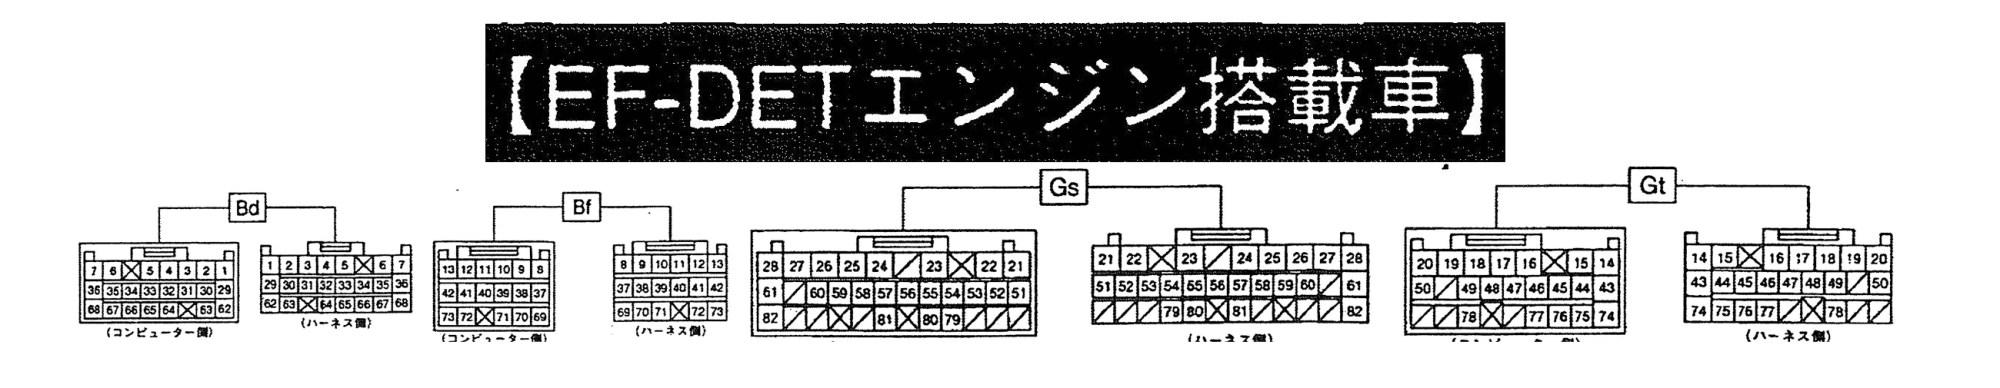 hight resolution of wiring diagram at e daihatsu mira workshop manual pdf daihatsu 1997 terios daihatsu sirion